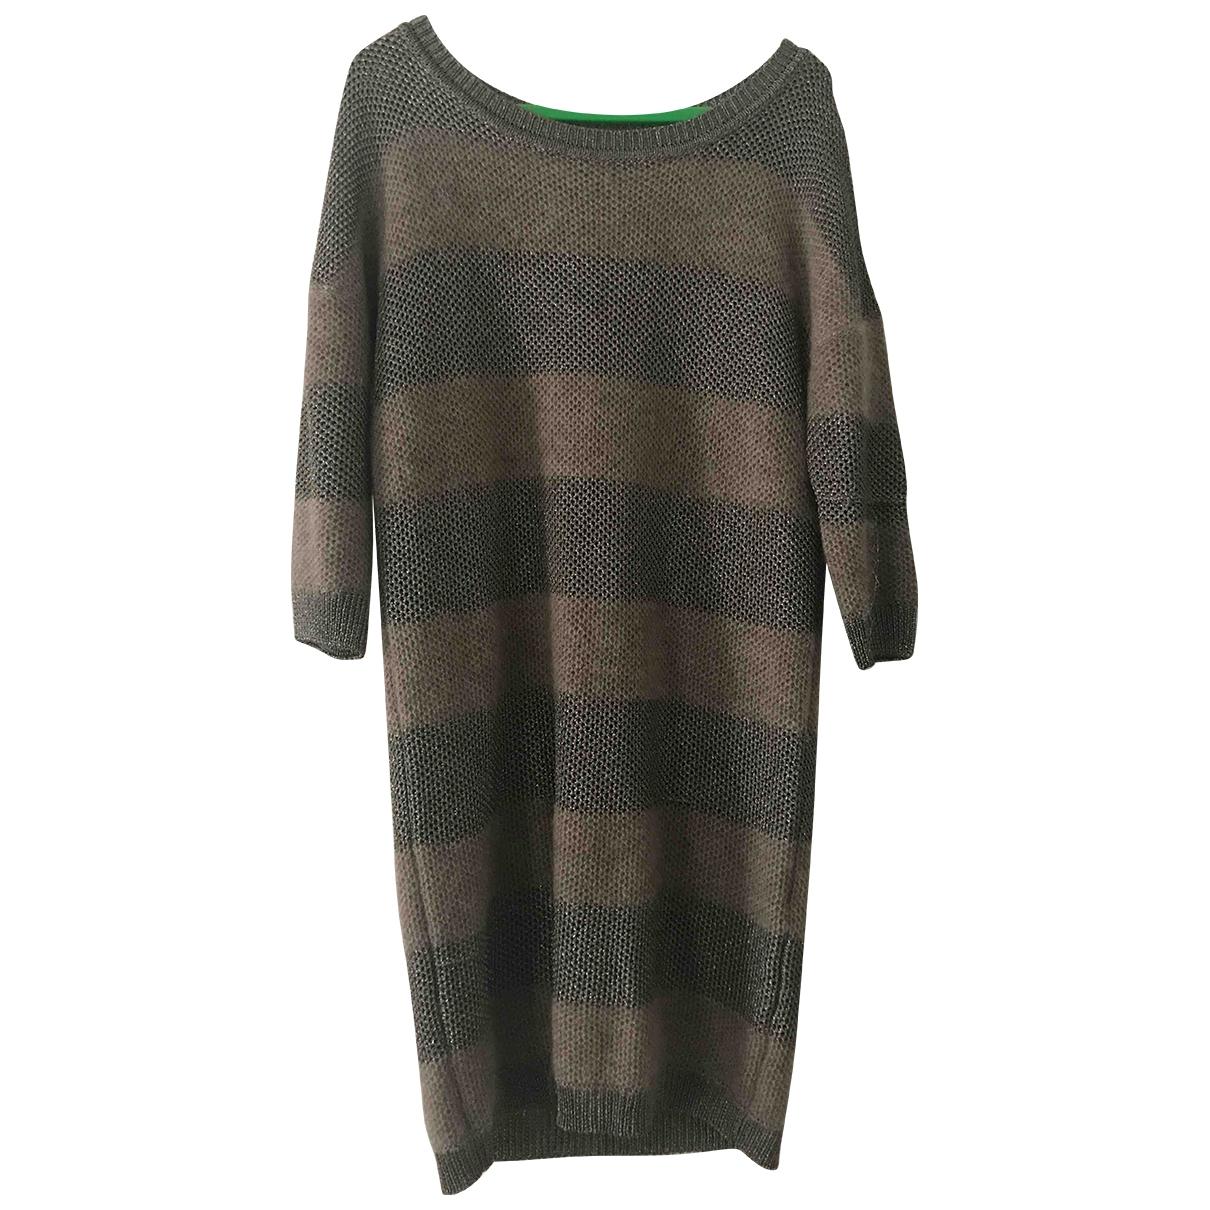 Falconeri \N Kleid in Wolle